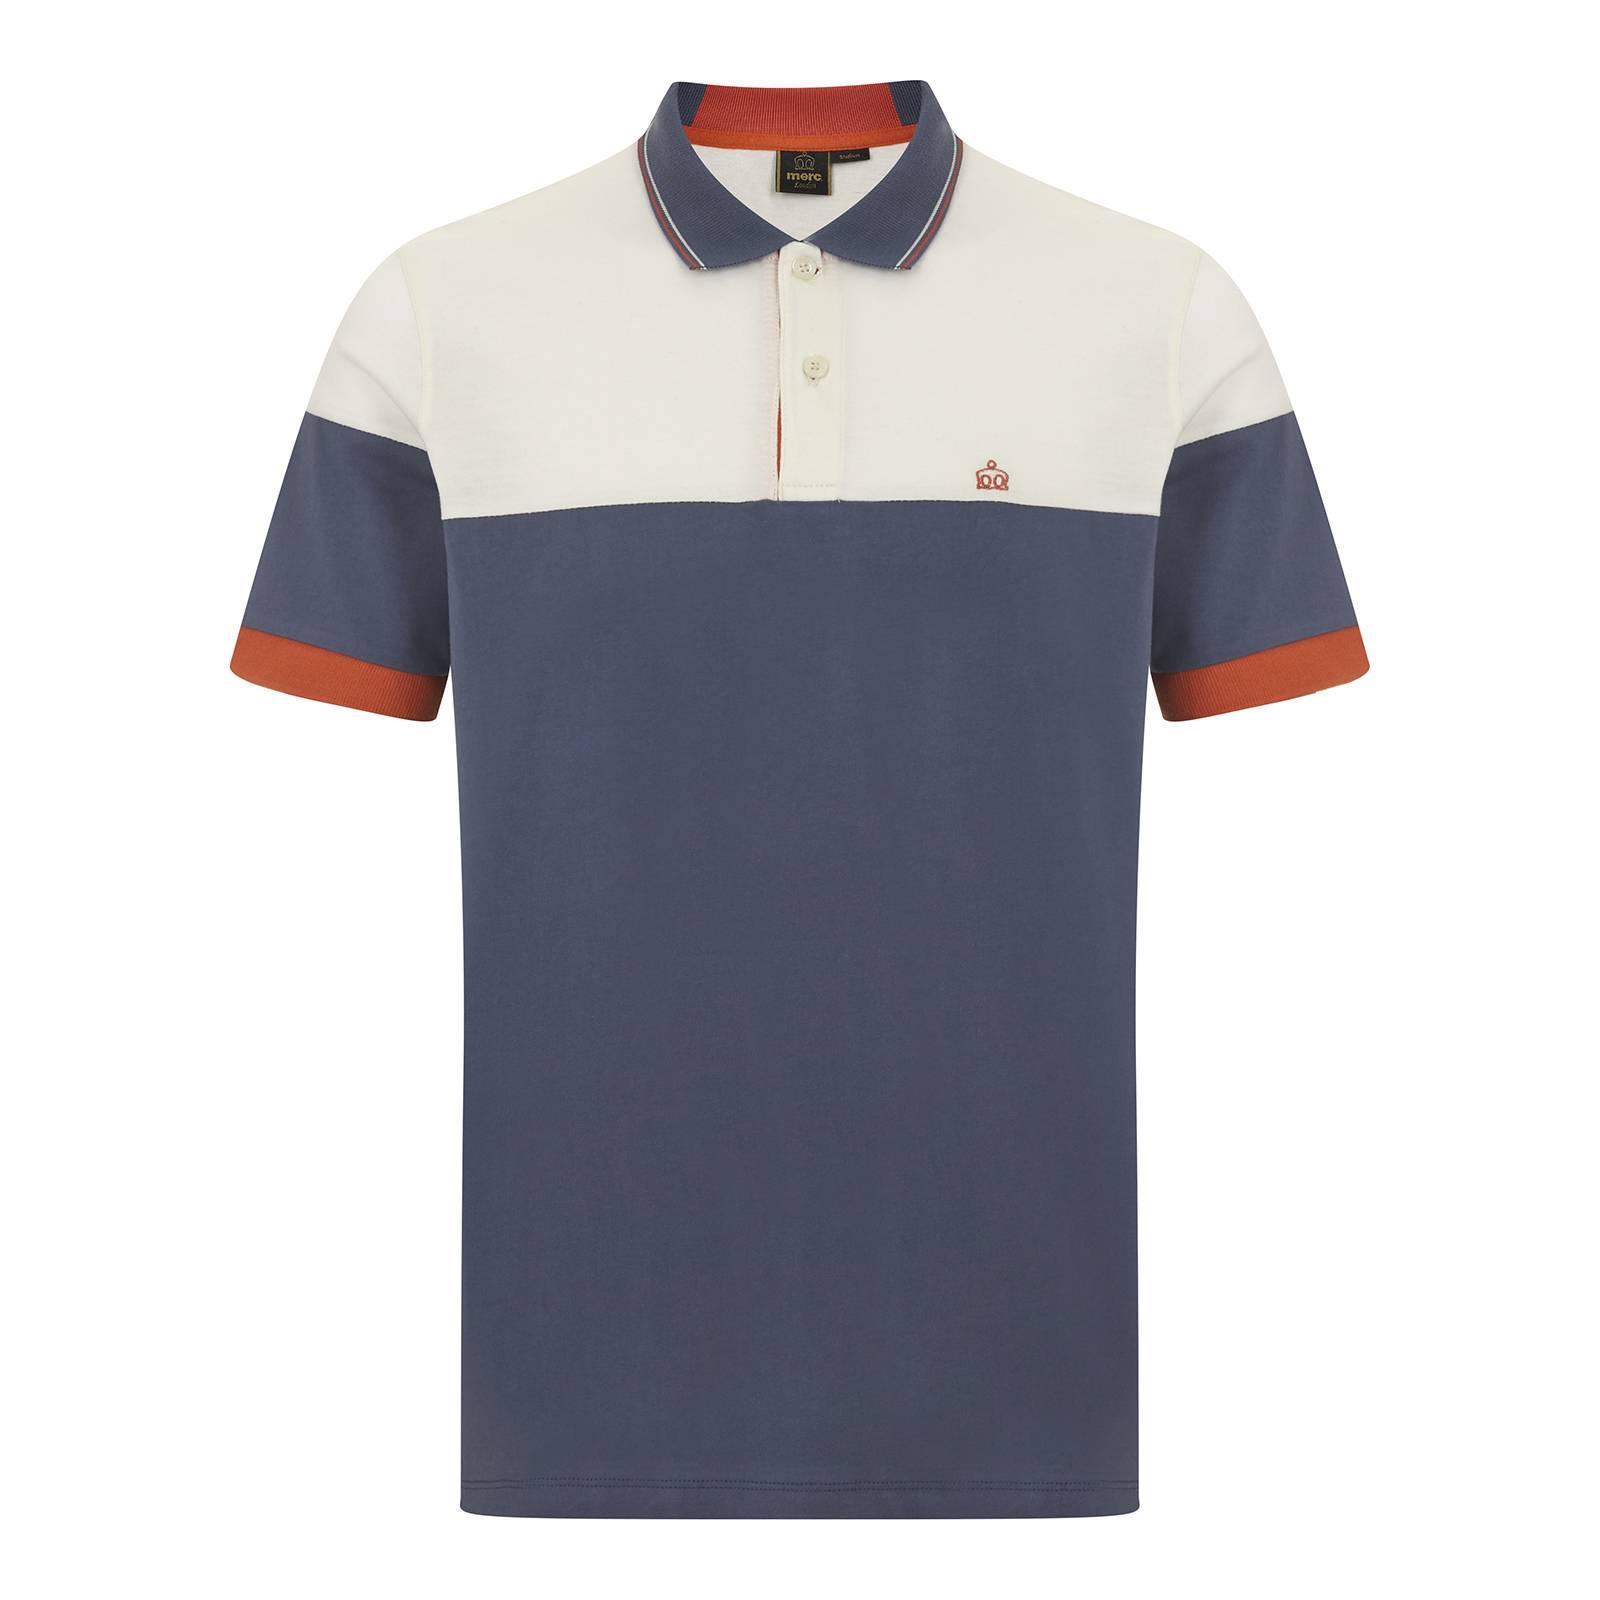 Рубашка Поло KrugerПоло<br><br><br>Артикул: 1916105<br>Материал: 100% хлопок<br>Цвет: маренго<br>Пол: Мужской